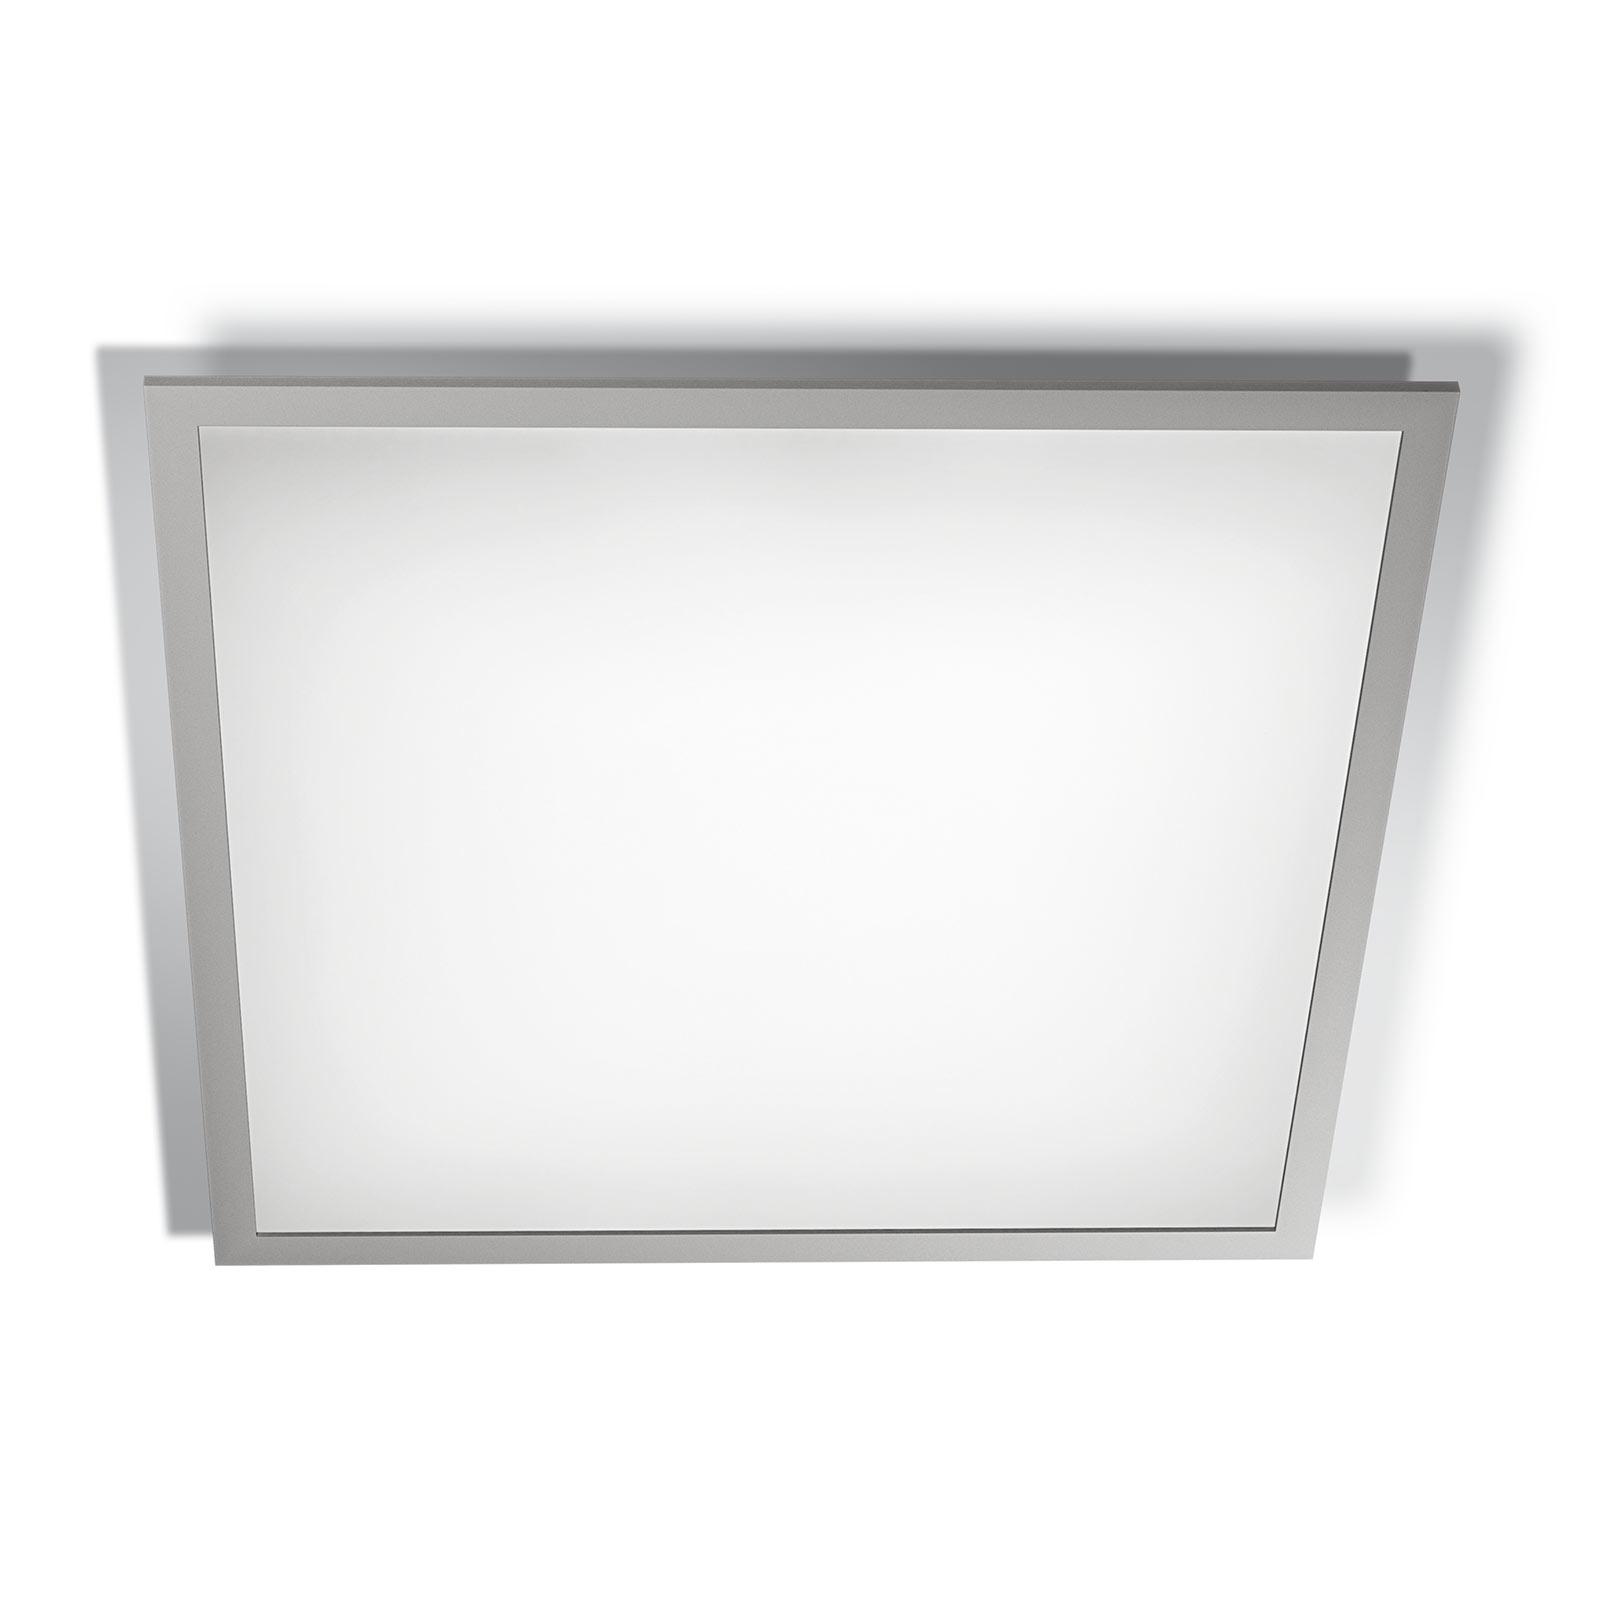 LEDVANCE Planon Plus LED-panel 60xm 840 36W